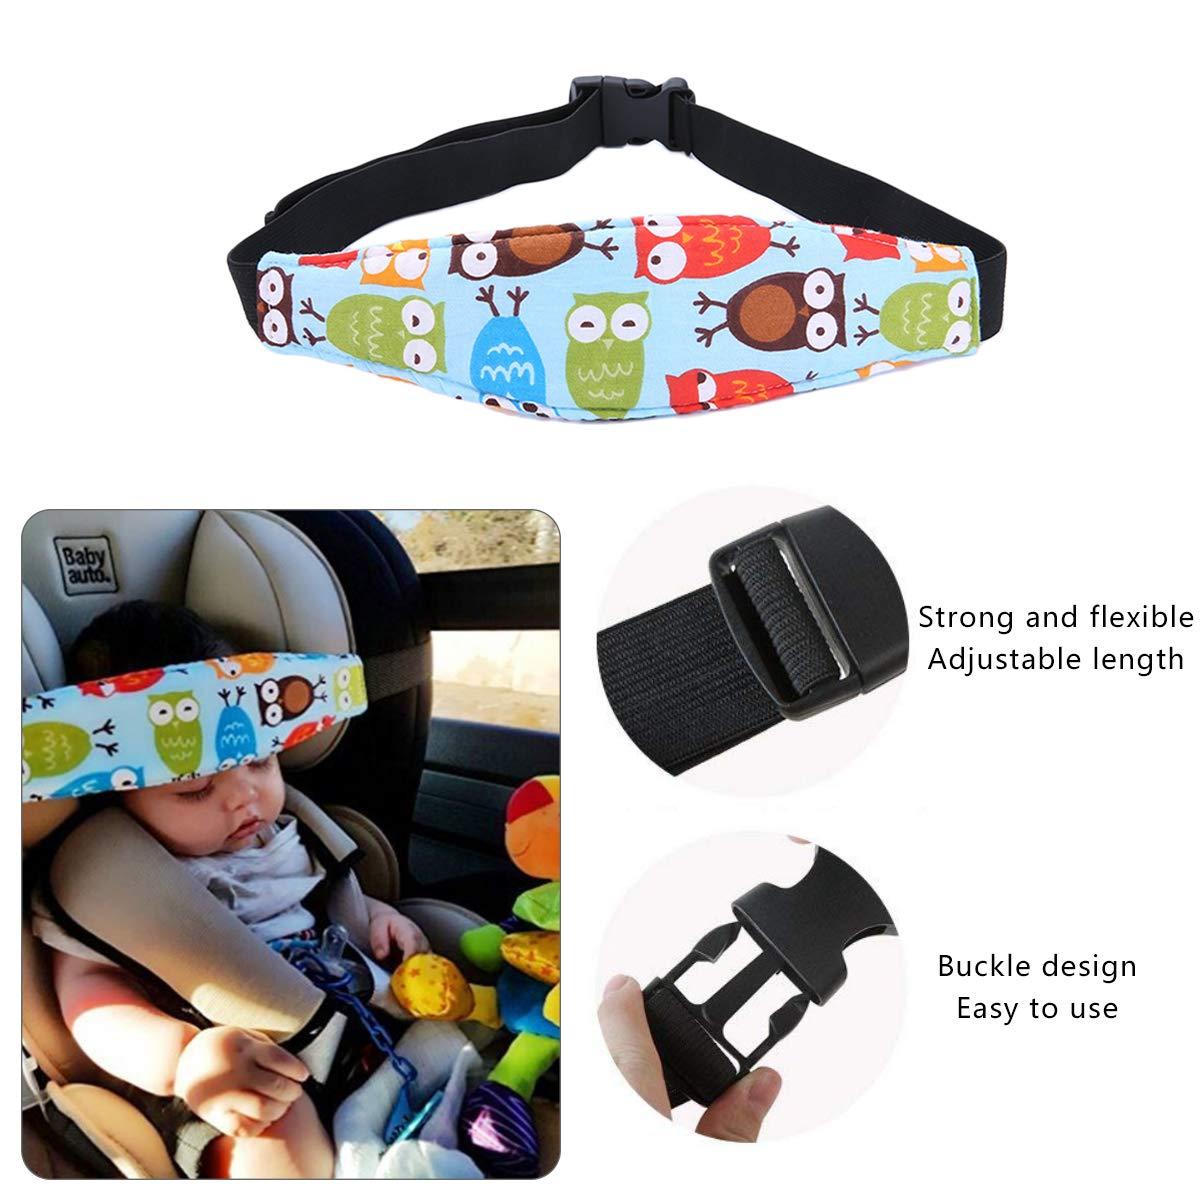 Soporte de cabeza para ni/ños,soporte de cabeza para asiento de coche,soporte de cabeza ajustable,cintur/ón para alivio del cuello,correa adecuada para cualquier asiento de beb/é,sillas de ni/ño